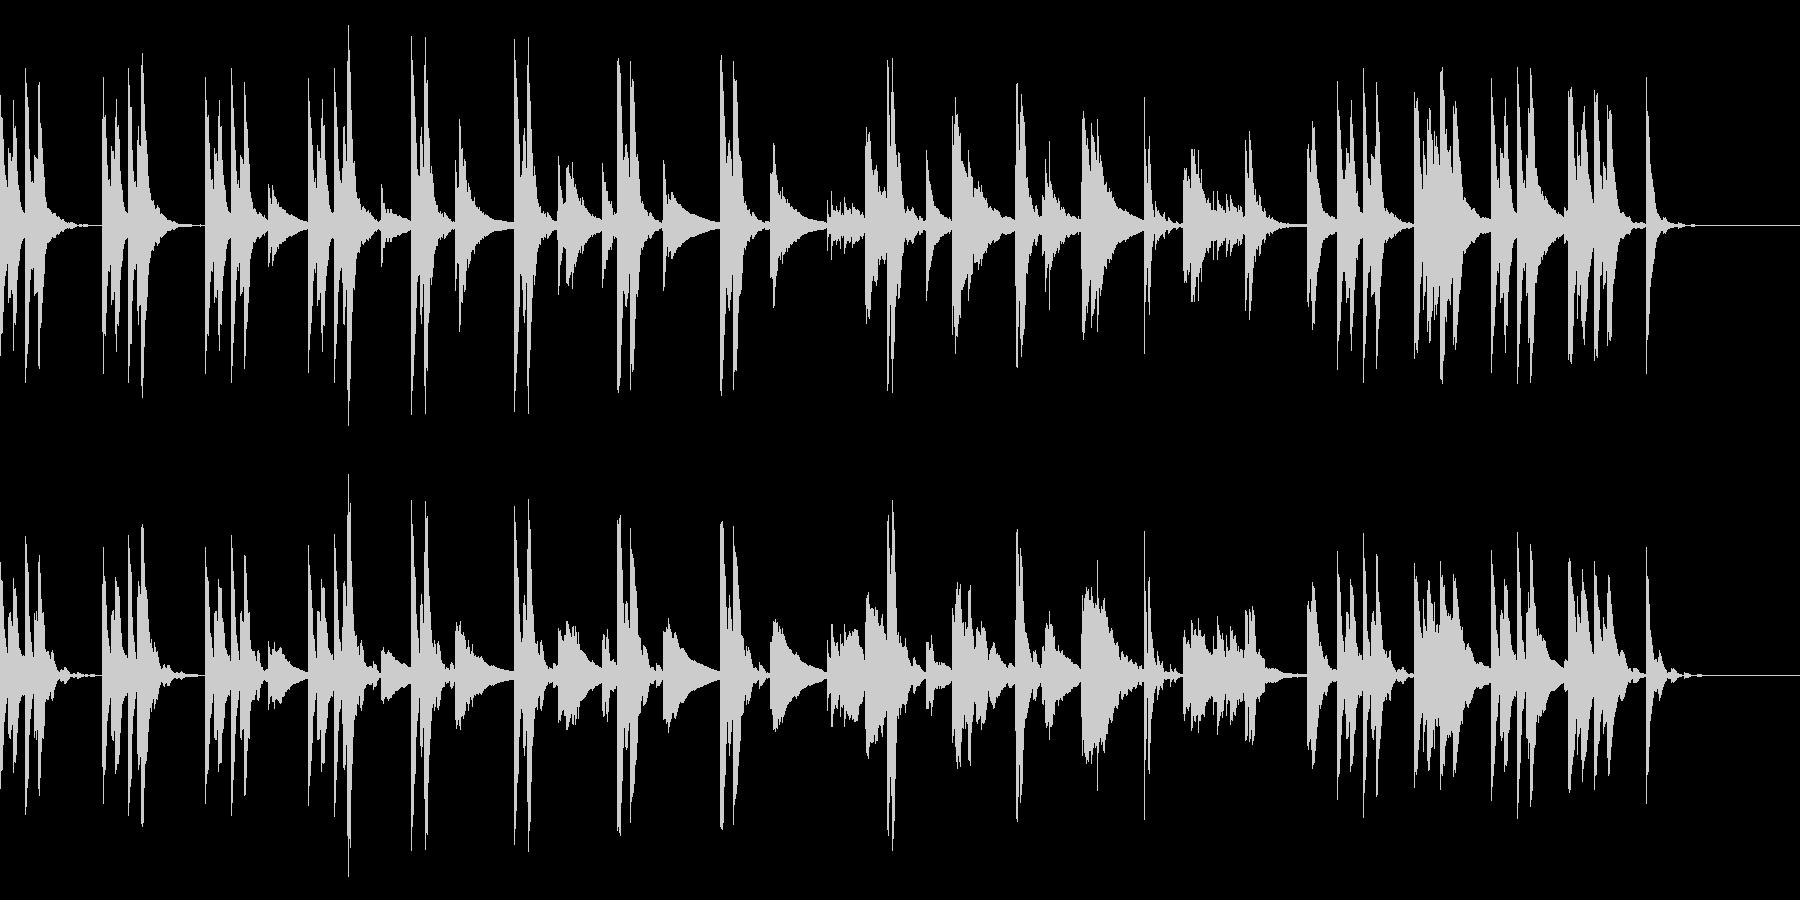 不安、自問の場面のシンプルな曲の未再生の波形